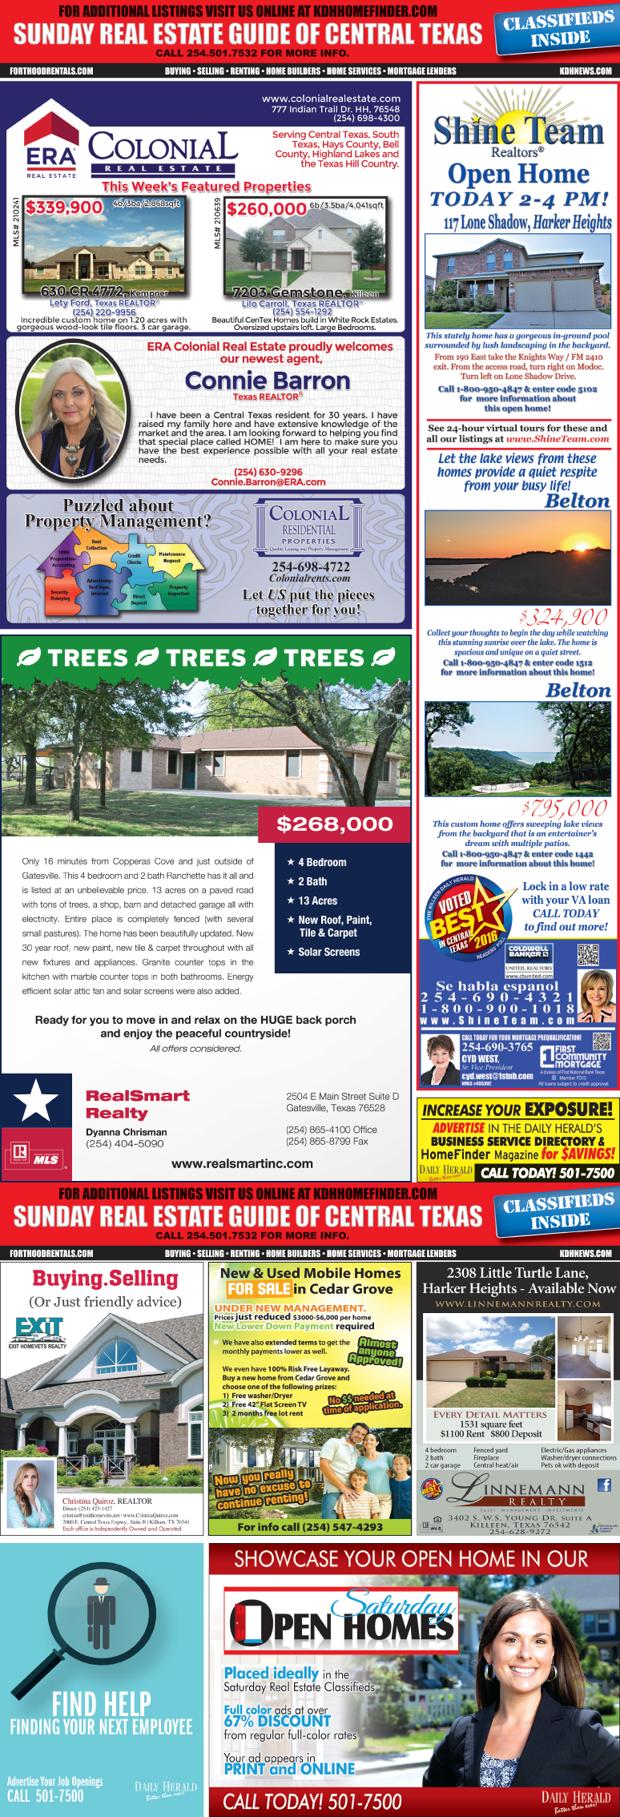 Sunday Real Estate Guide 9/4/16 SREG